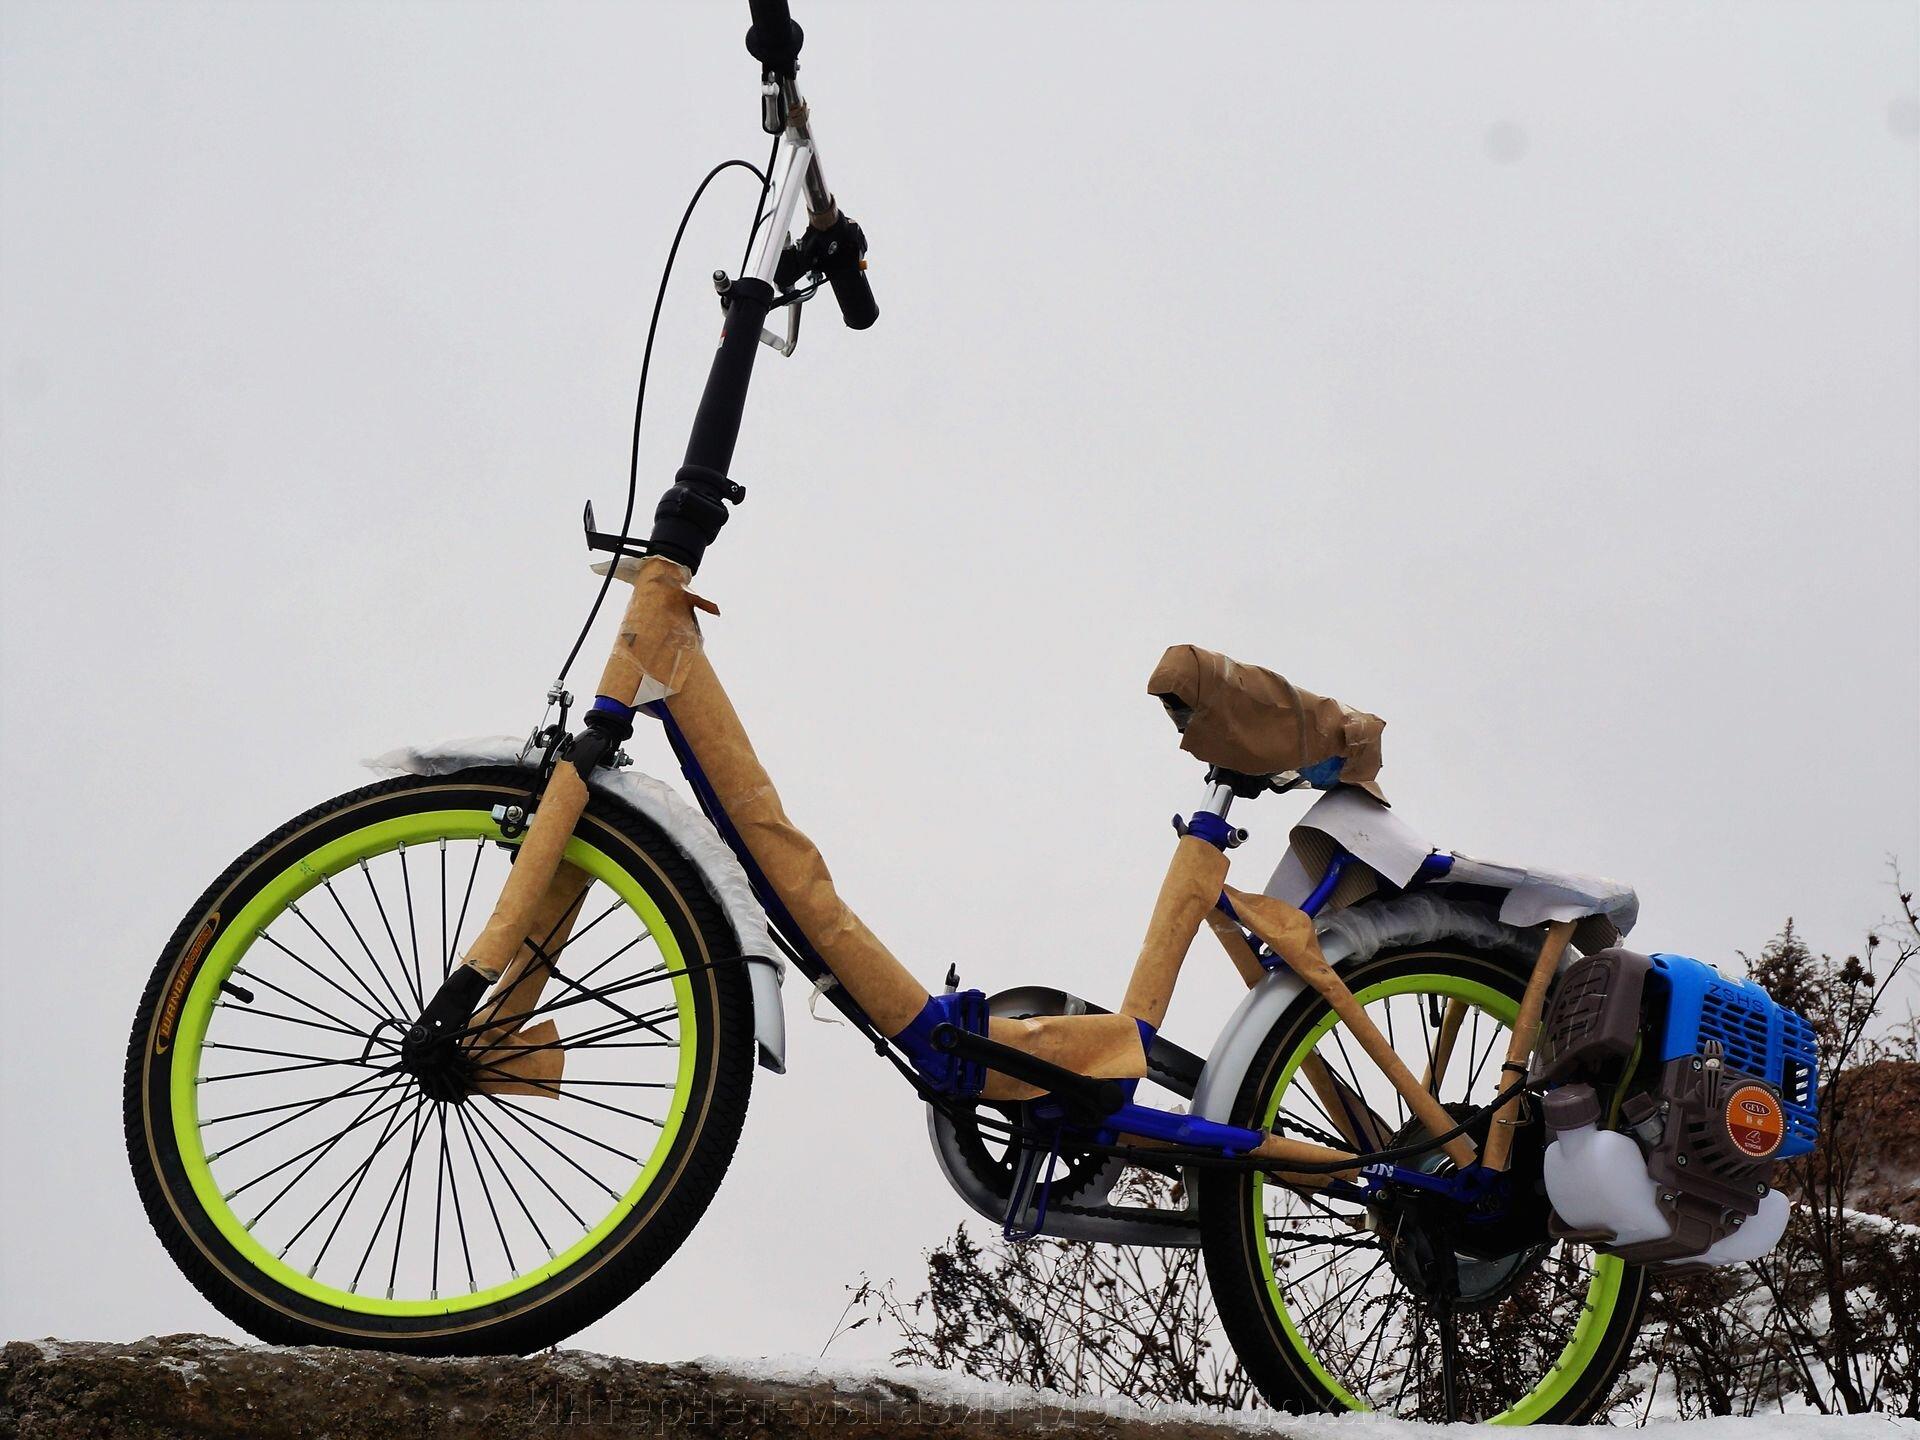 Велосипед с бензиновым четырехтактным мотором Мотакс Лампа, складной 20 дюймов. - фото Велосипед с бензиновым четырехтактным мотором Мотакс Лампа, складной 20 дюймов.